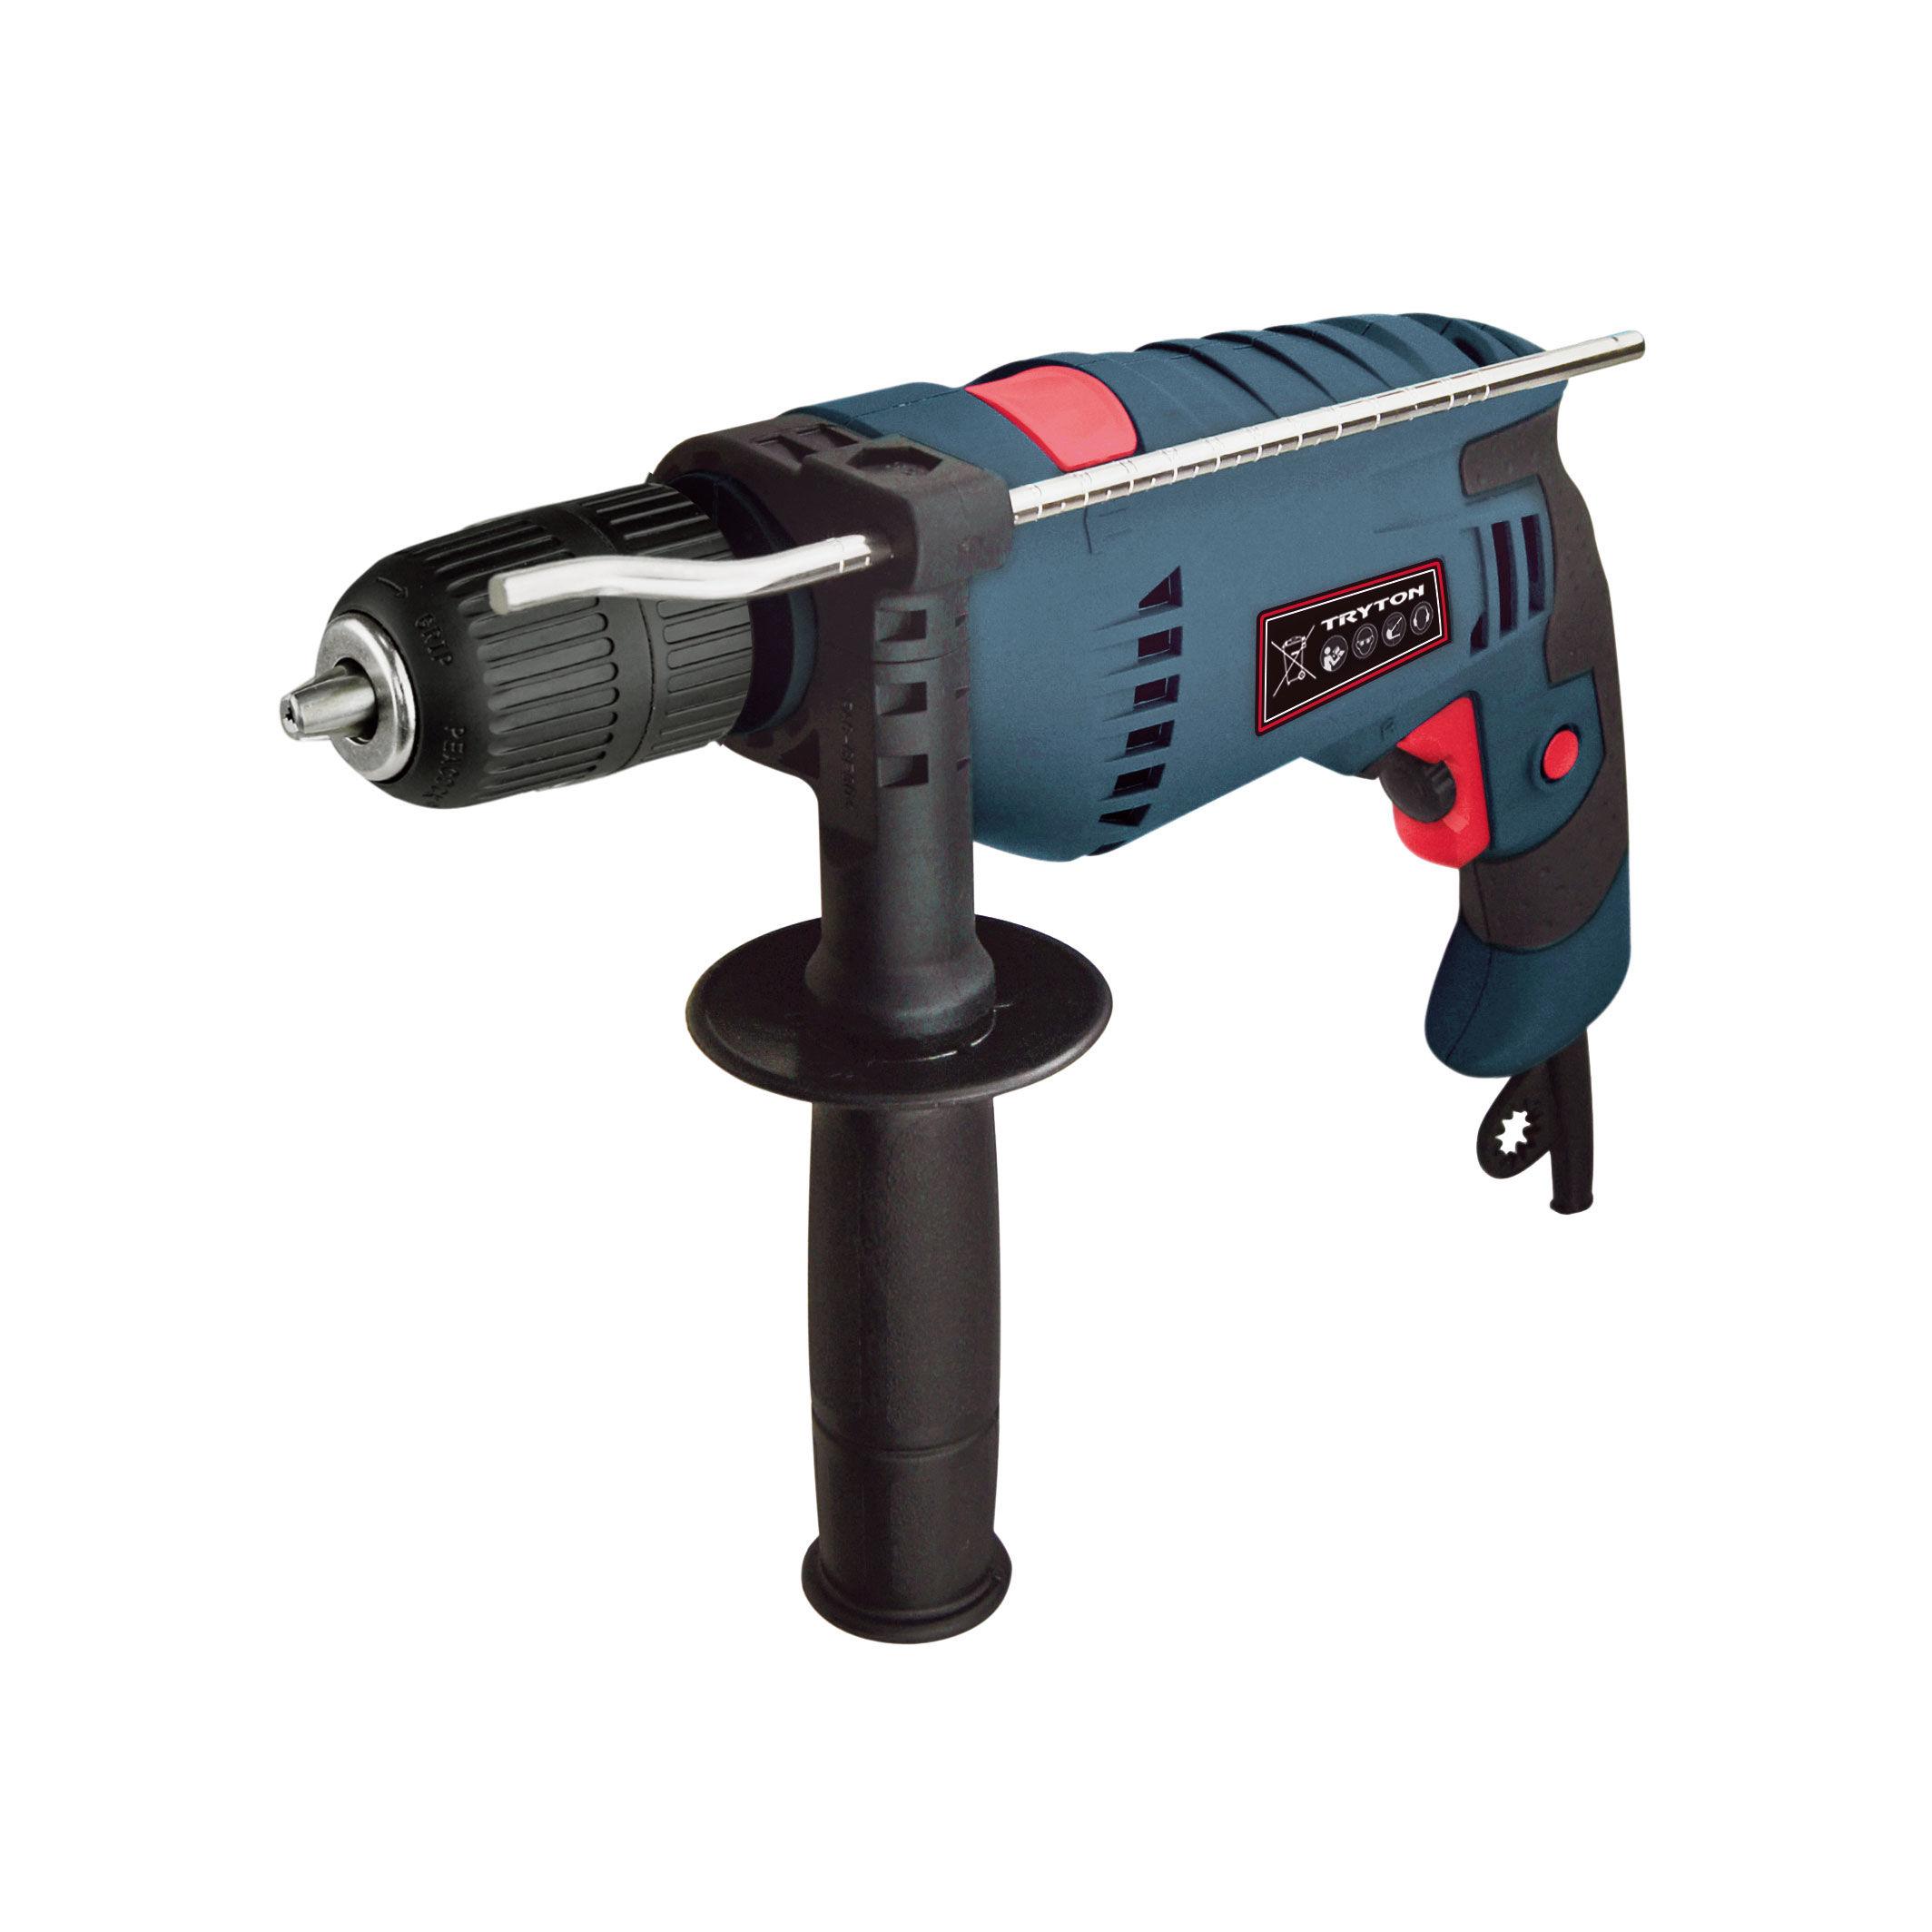 Hammer drill 850w käepidemed. võt..